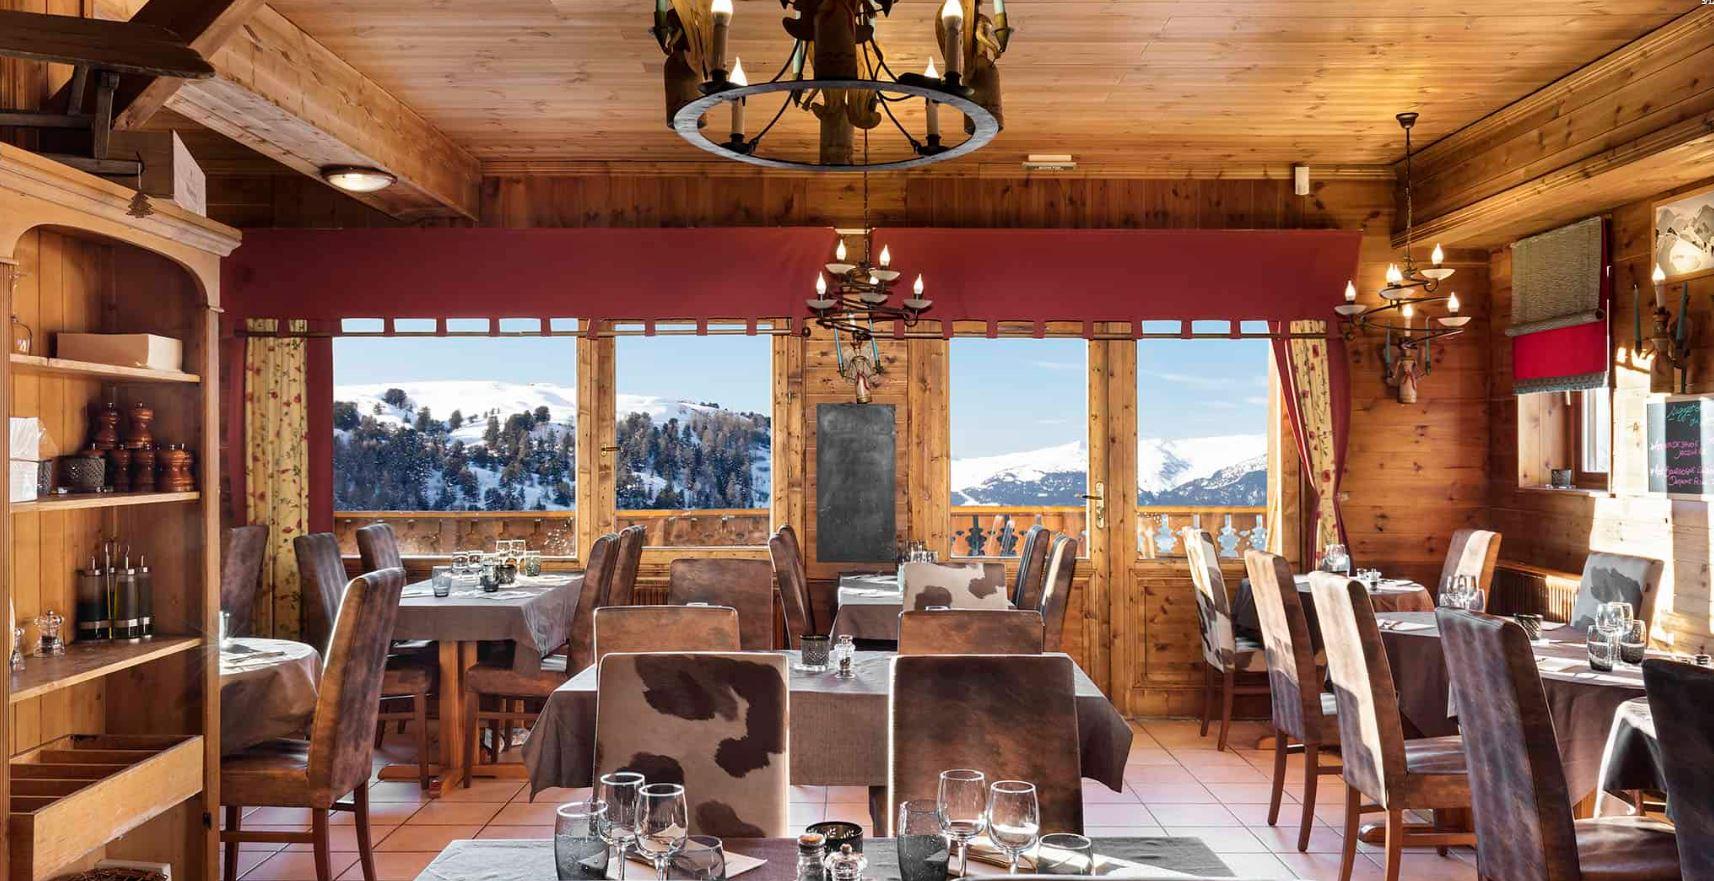 The restaurant at Les Balcons de Belle Plagne